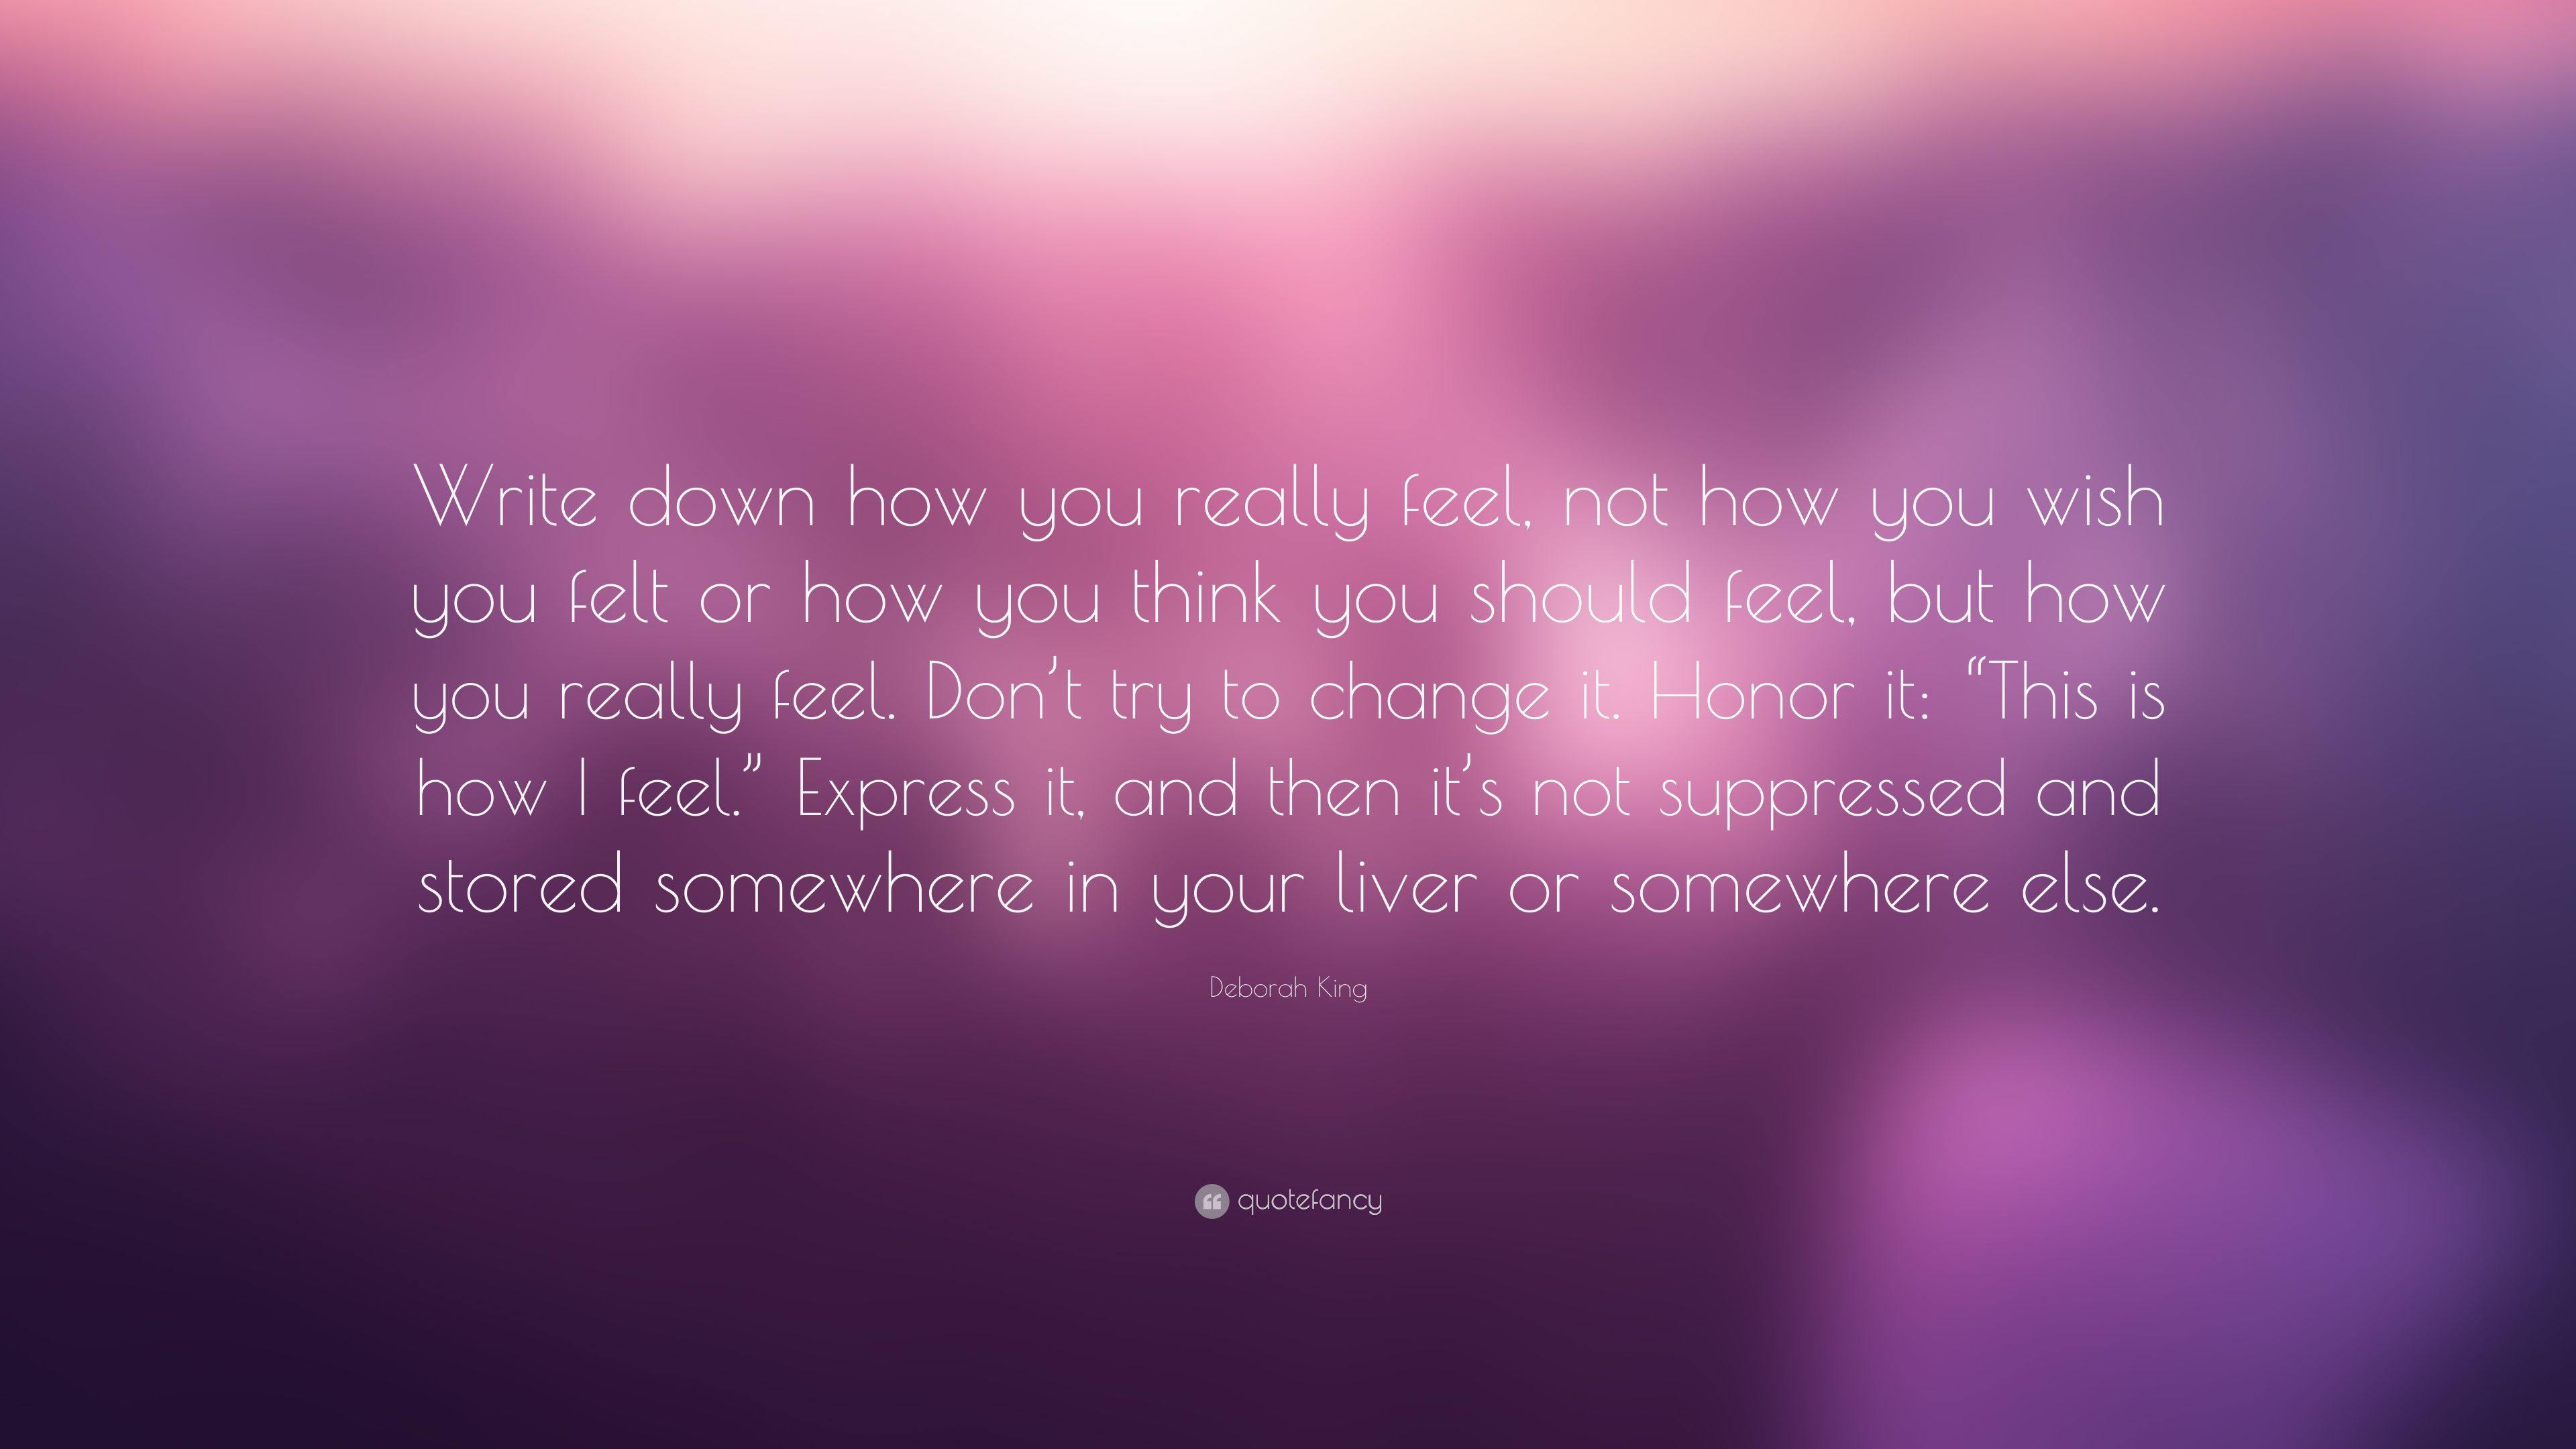 Deborah King Quotes (16 wallpapers) - Quotefancy